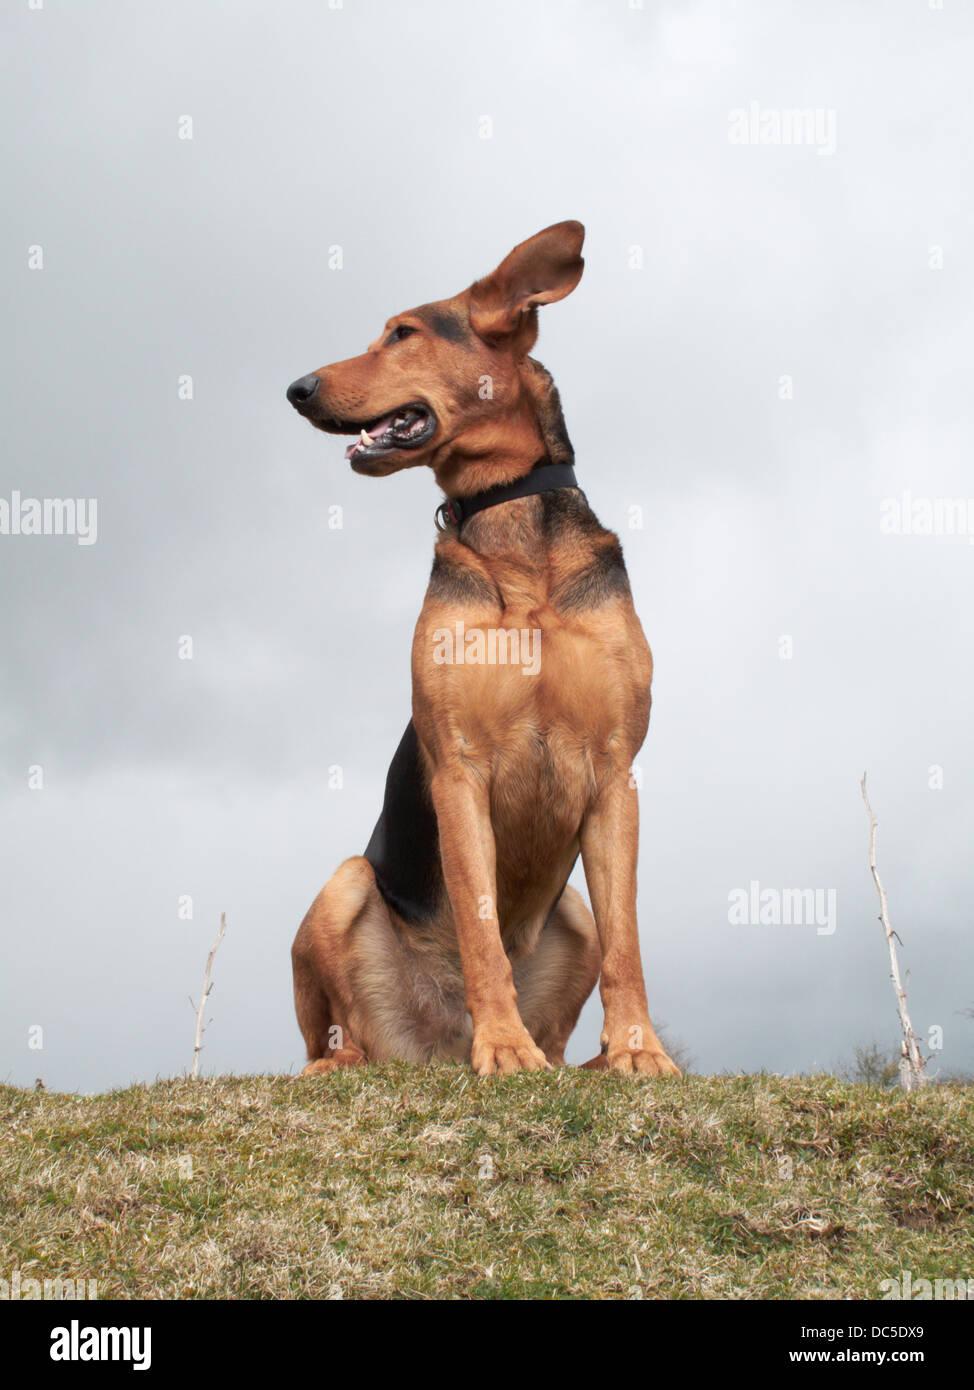 sitting dog - Stock Image